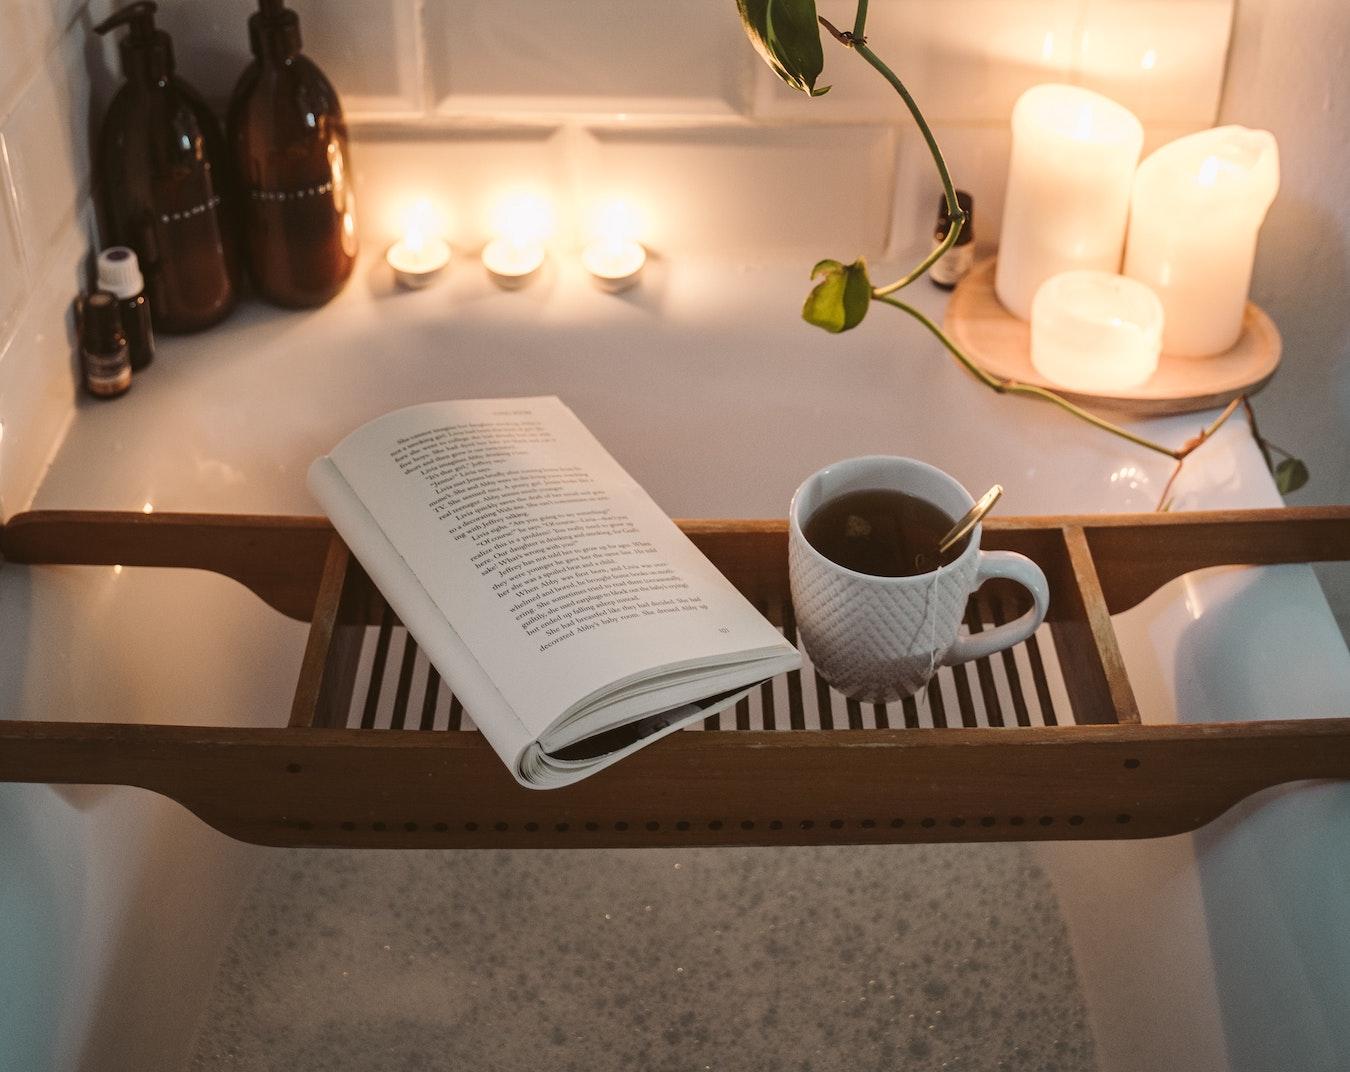 entspannendes Aromabad bei Kerzenlicht